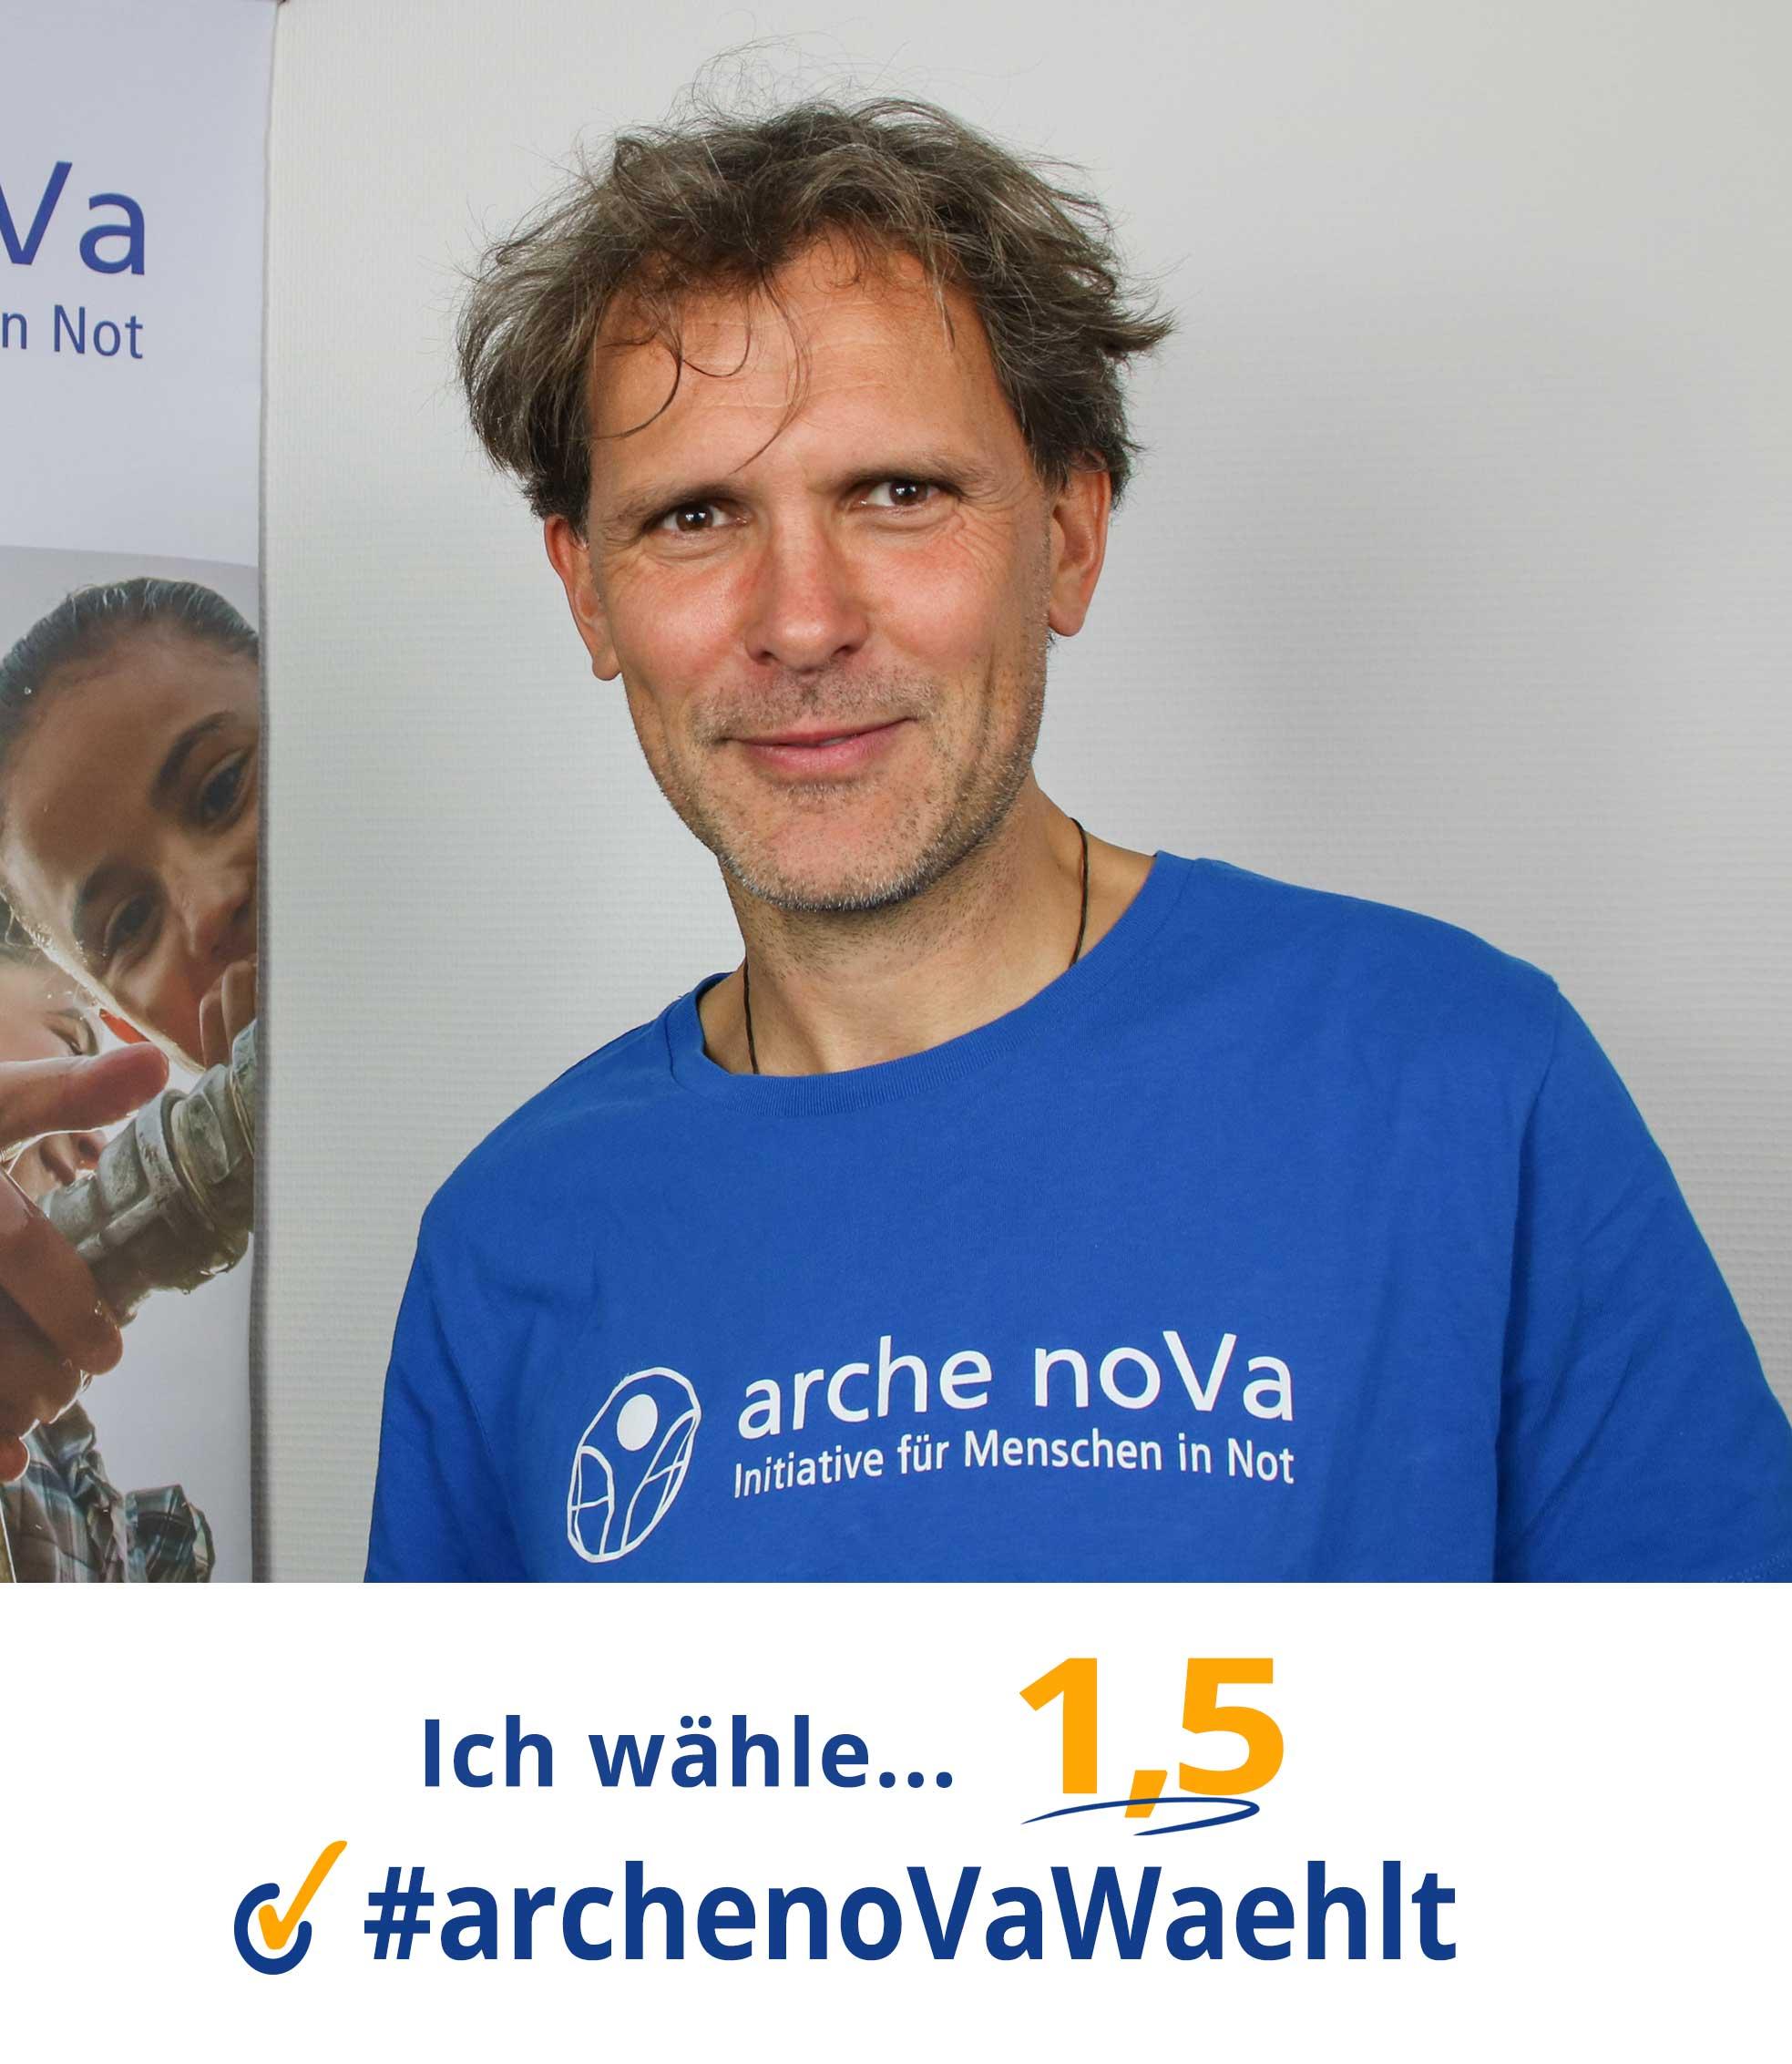 Ronny - arche noVa wählt zur Landtagswahl in Sachsen 2019